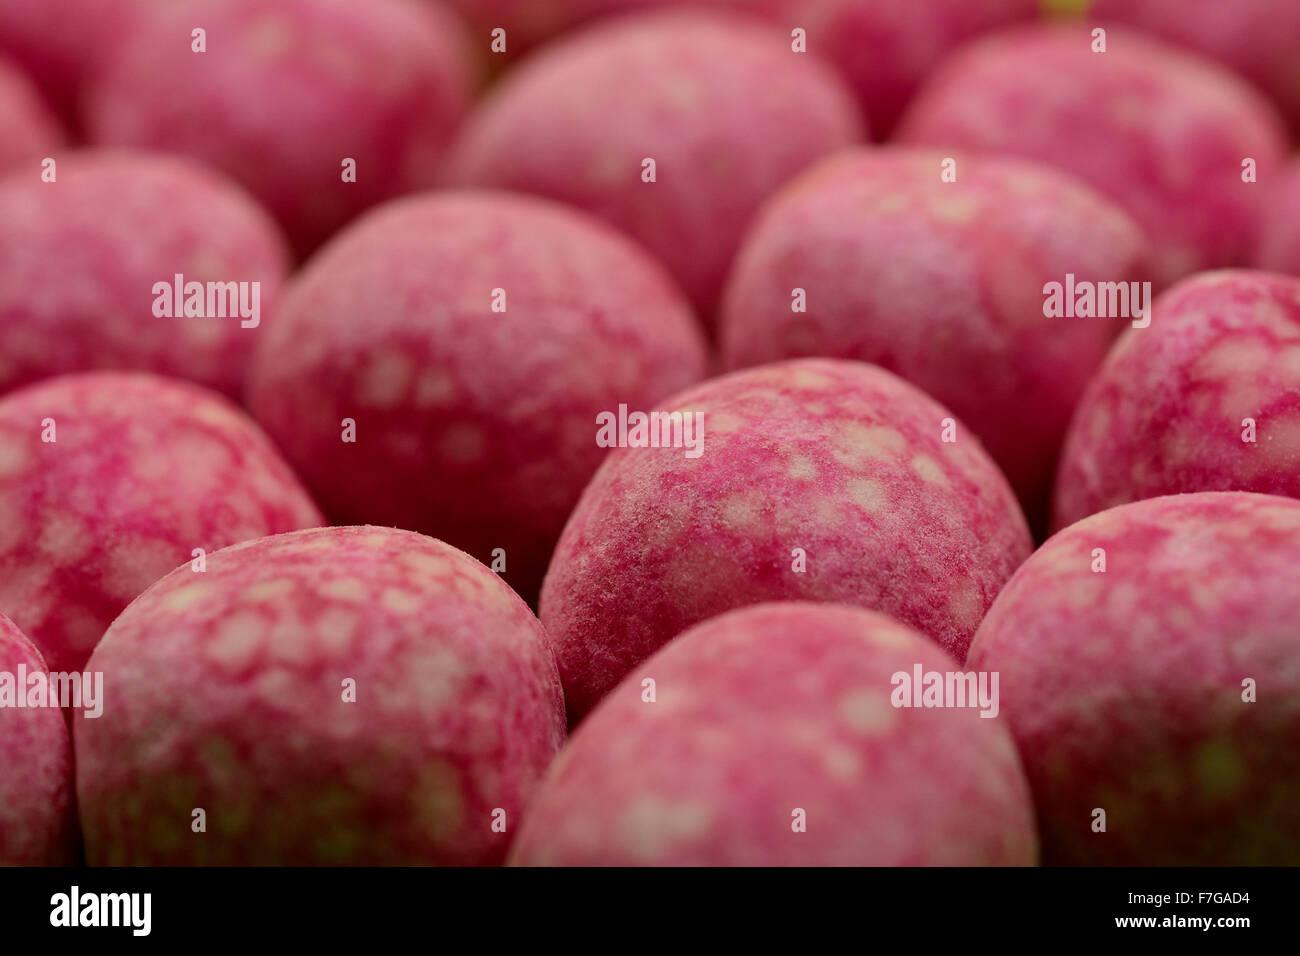 Pink Bonbons closeup - Stock Image